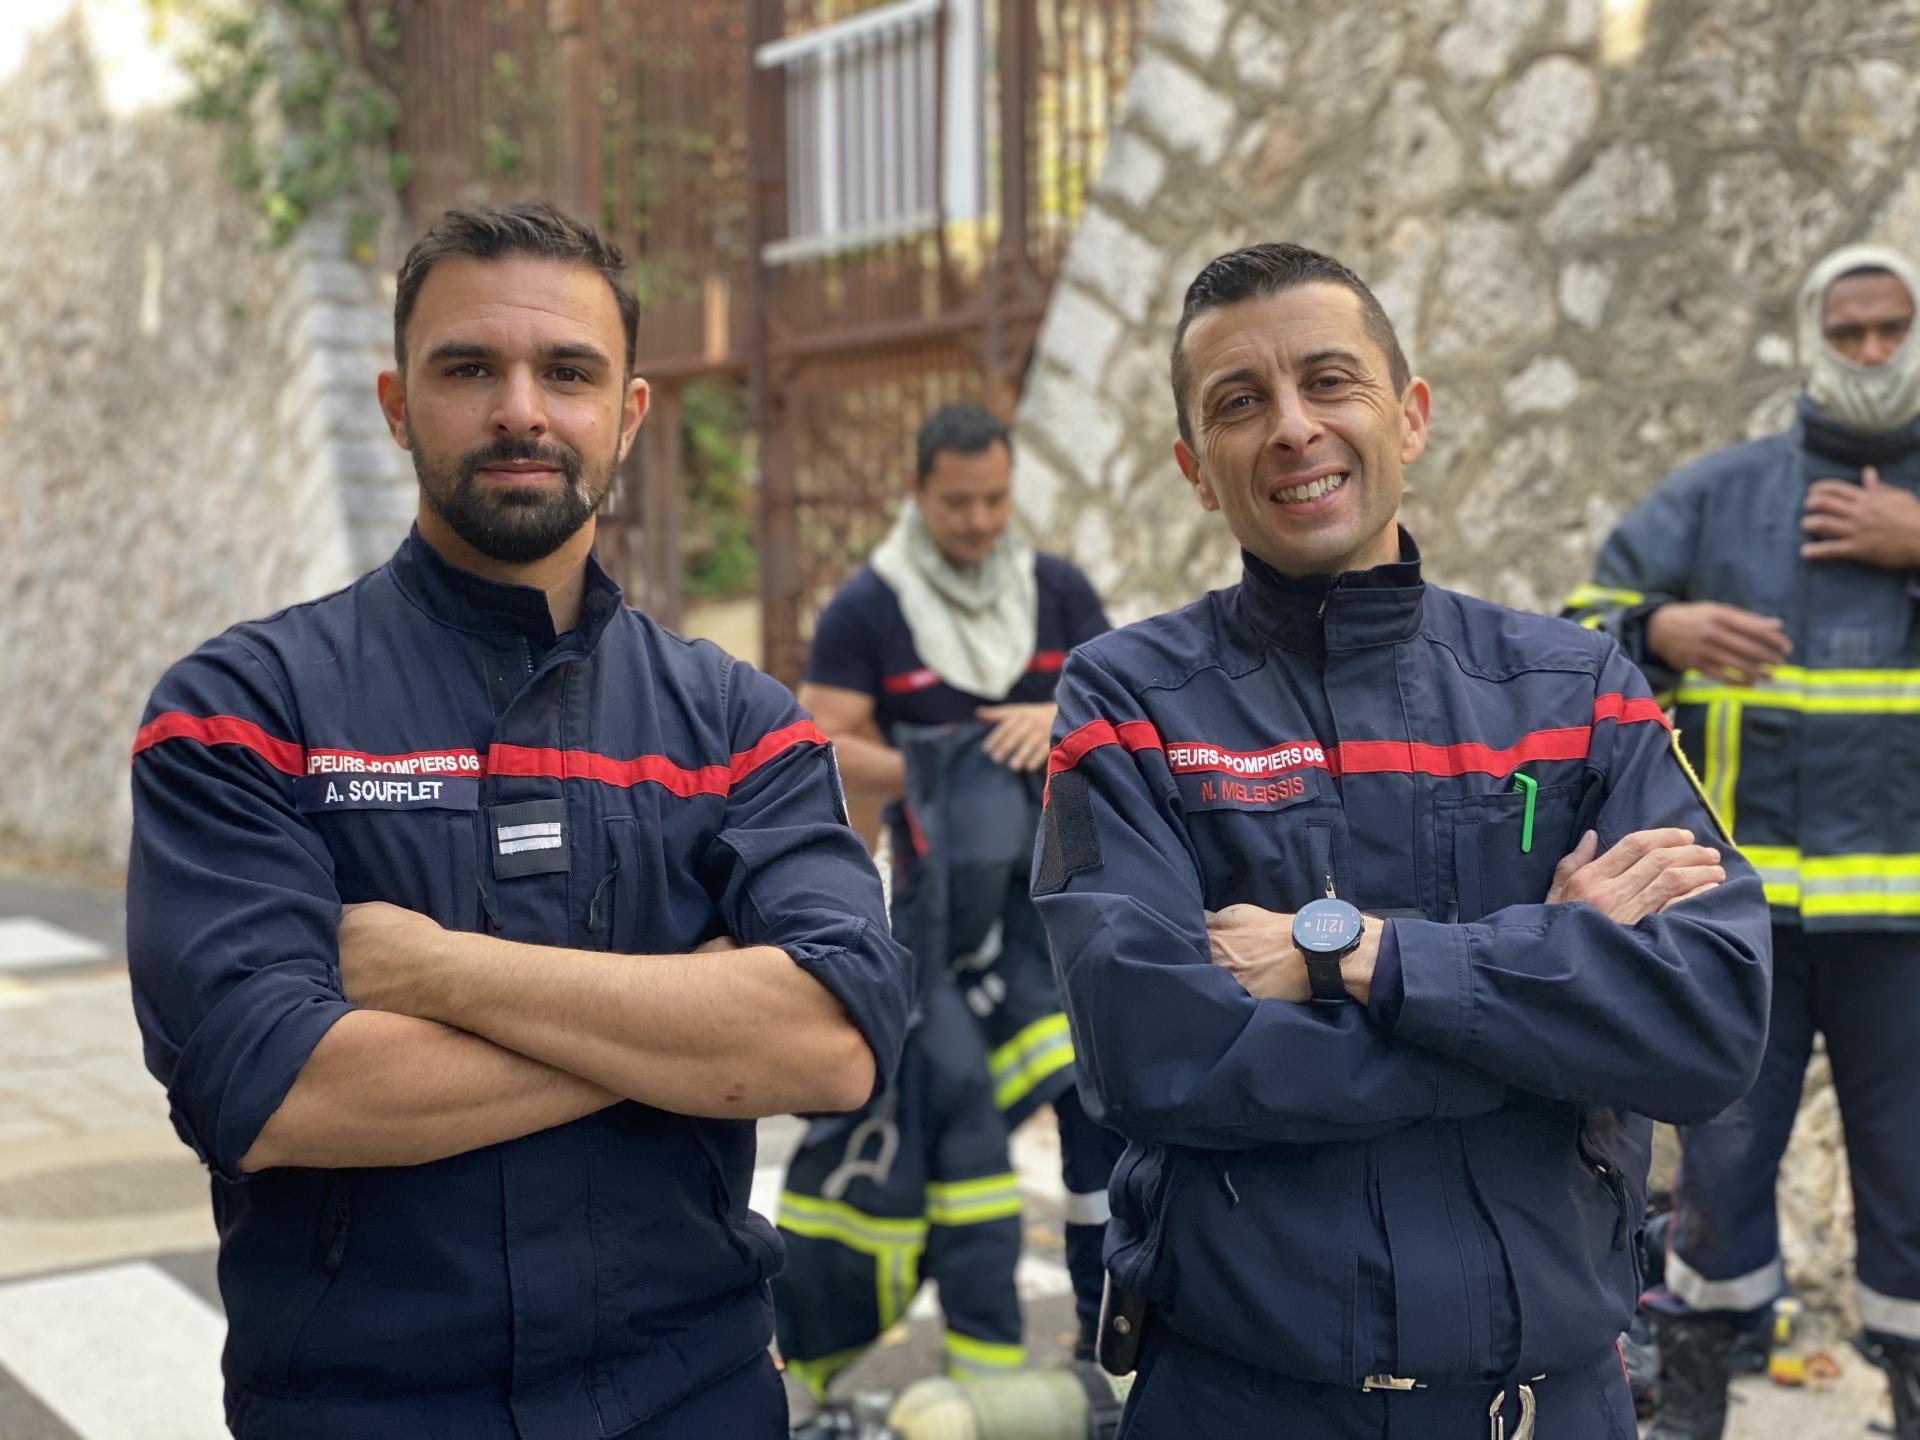 Fi Spv - Pompiers Nice (Formateurs)